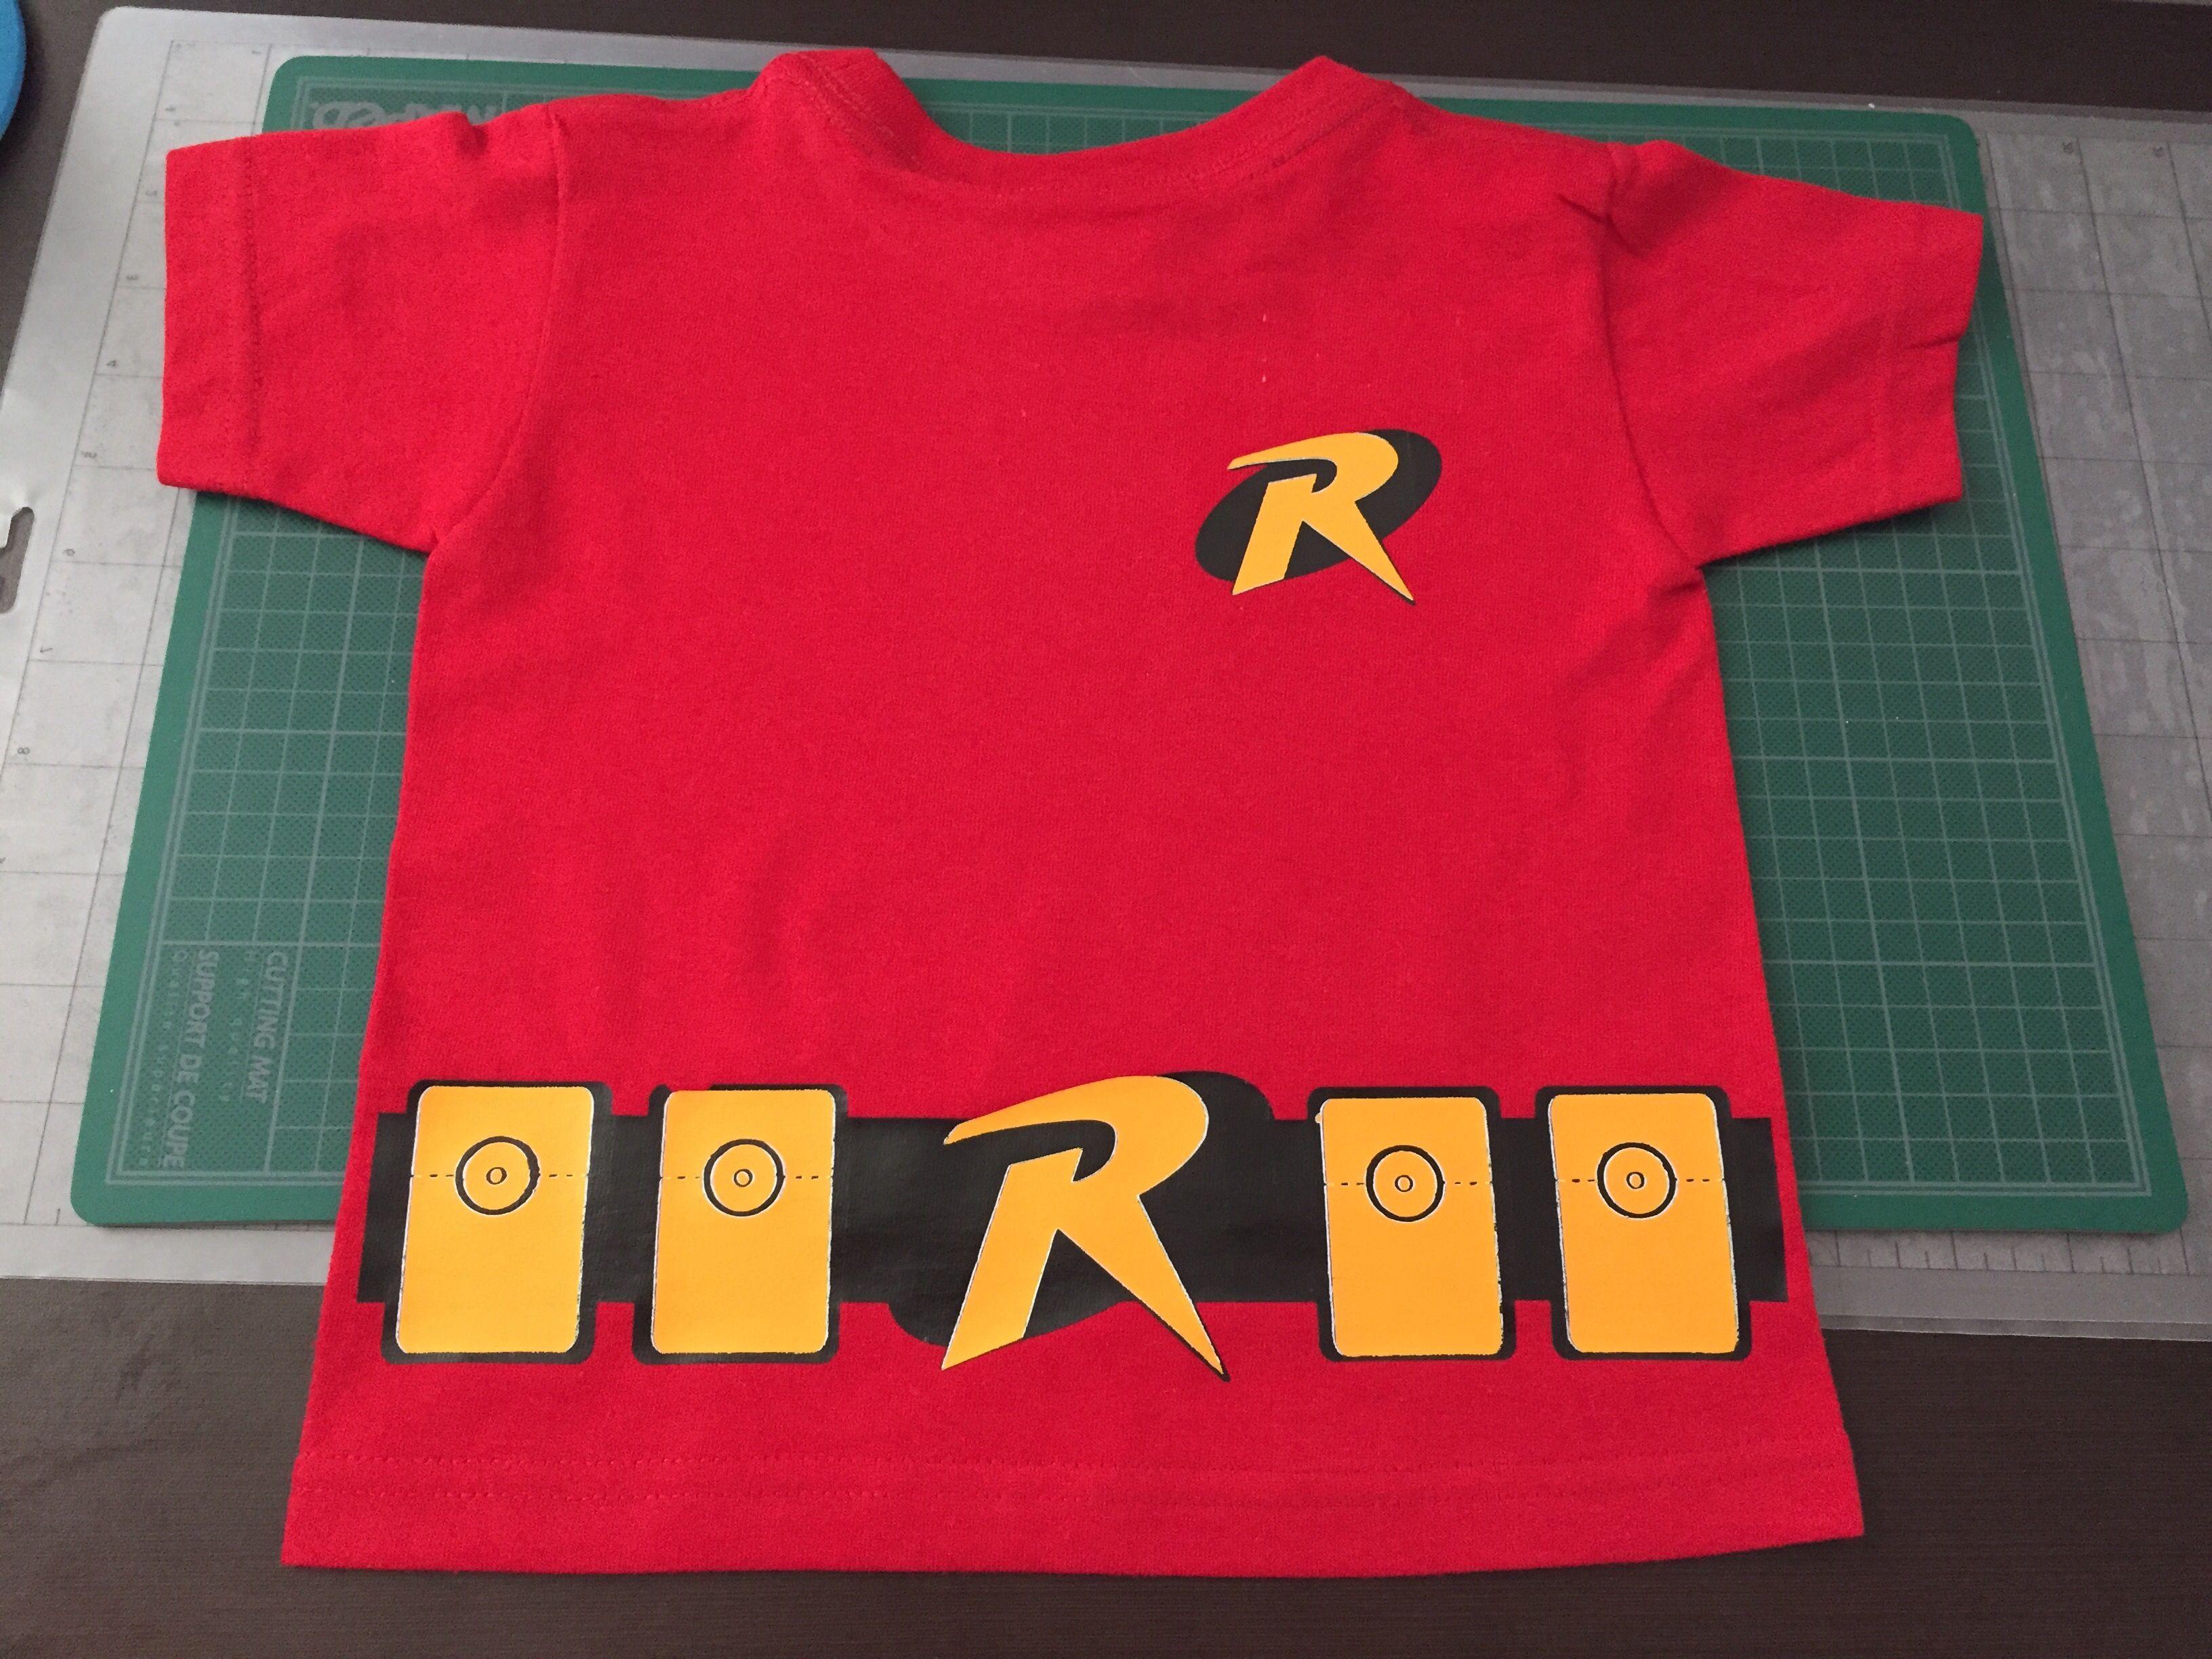 Playera 100% algodón personalizada en vinil textil para niño de 1 año Robin a77ccca407a90